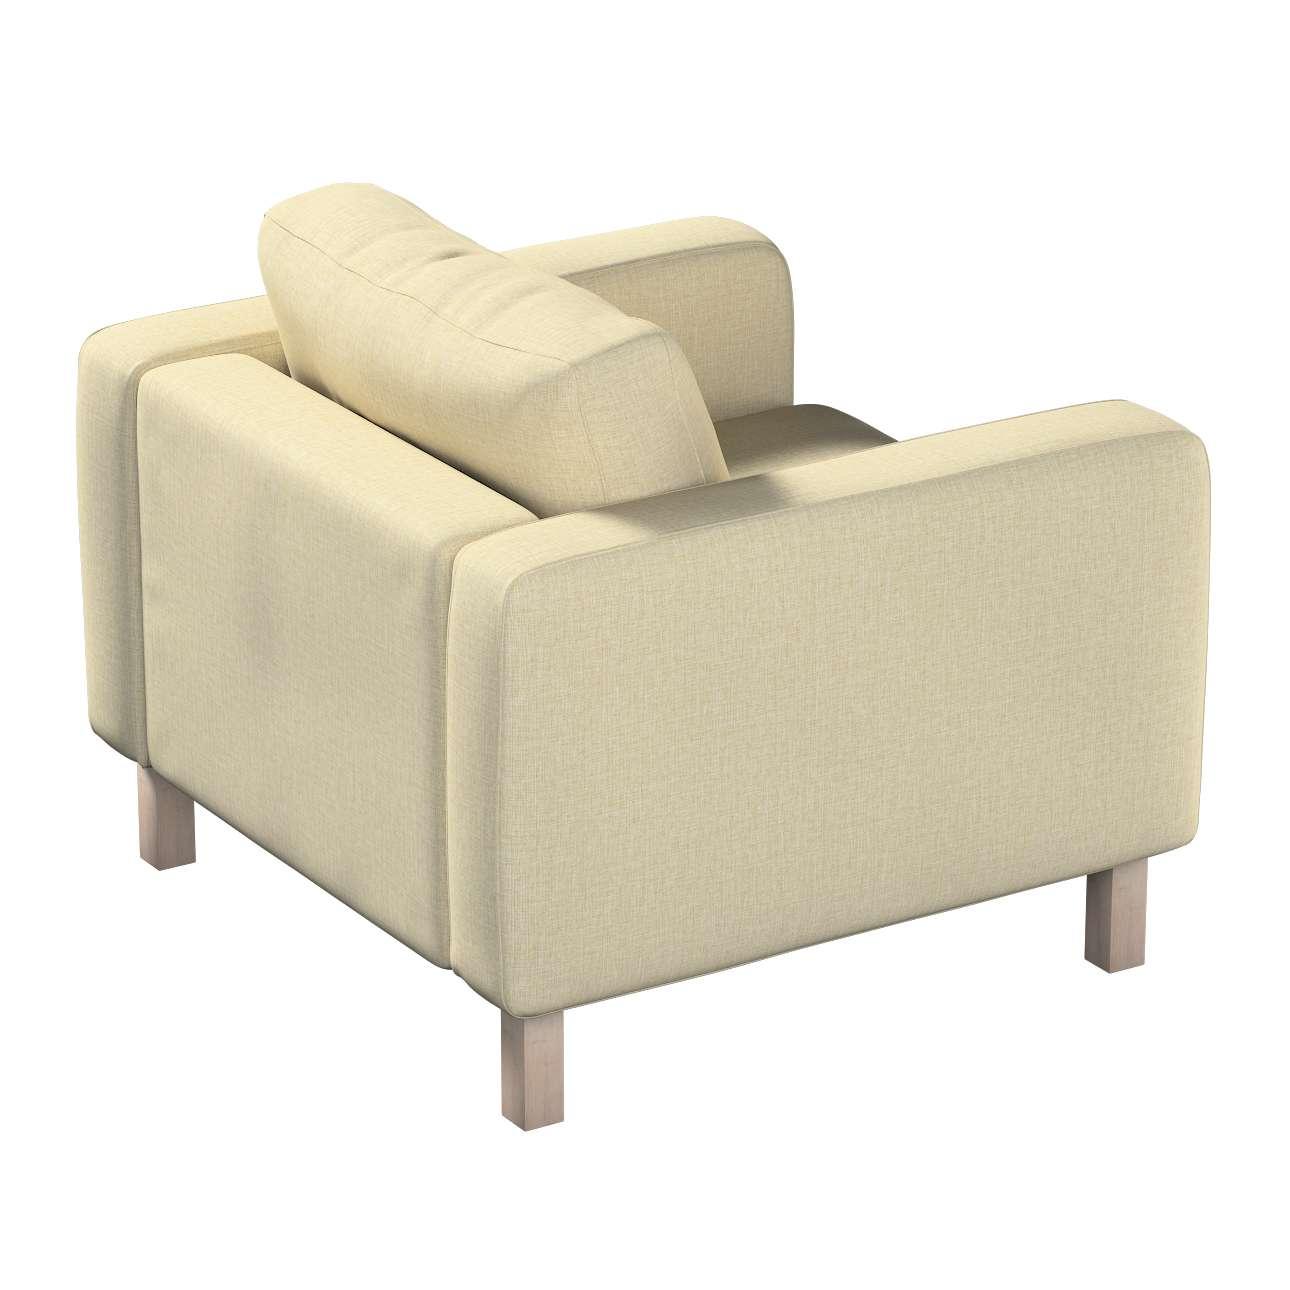 Pokrowiec na fotel Karlstad, krótki w kolekcji Living, tkanina: 161-45